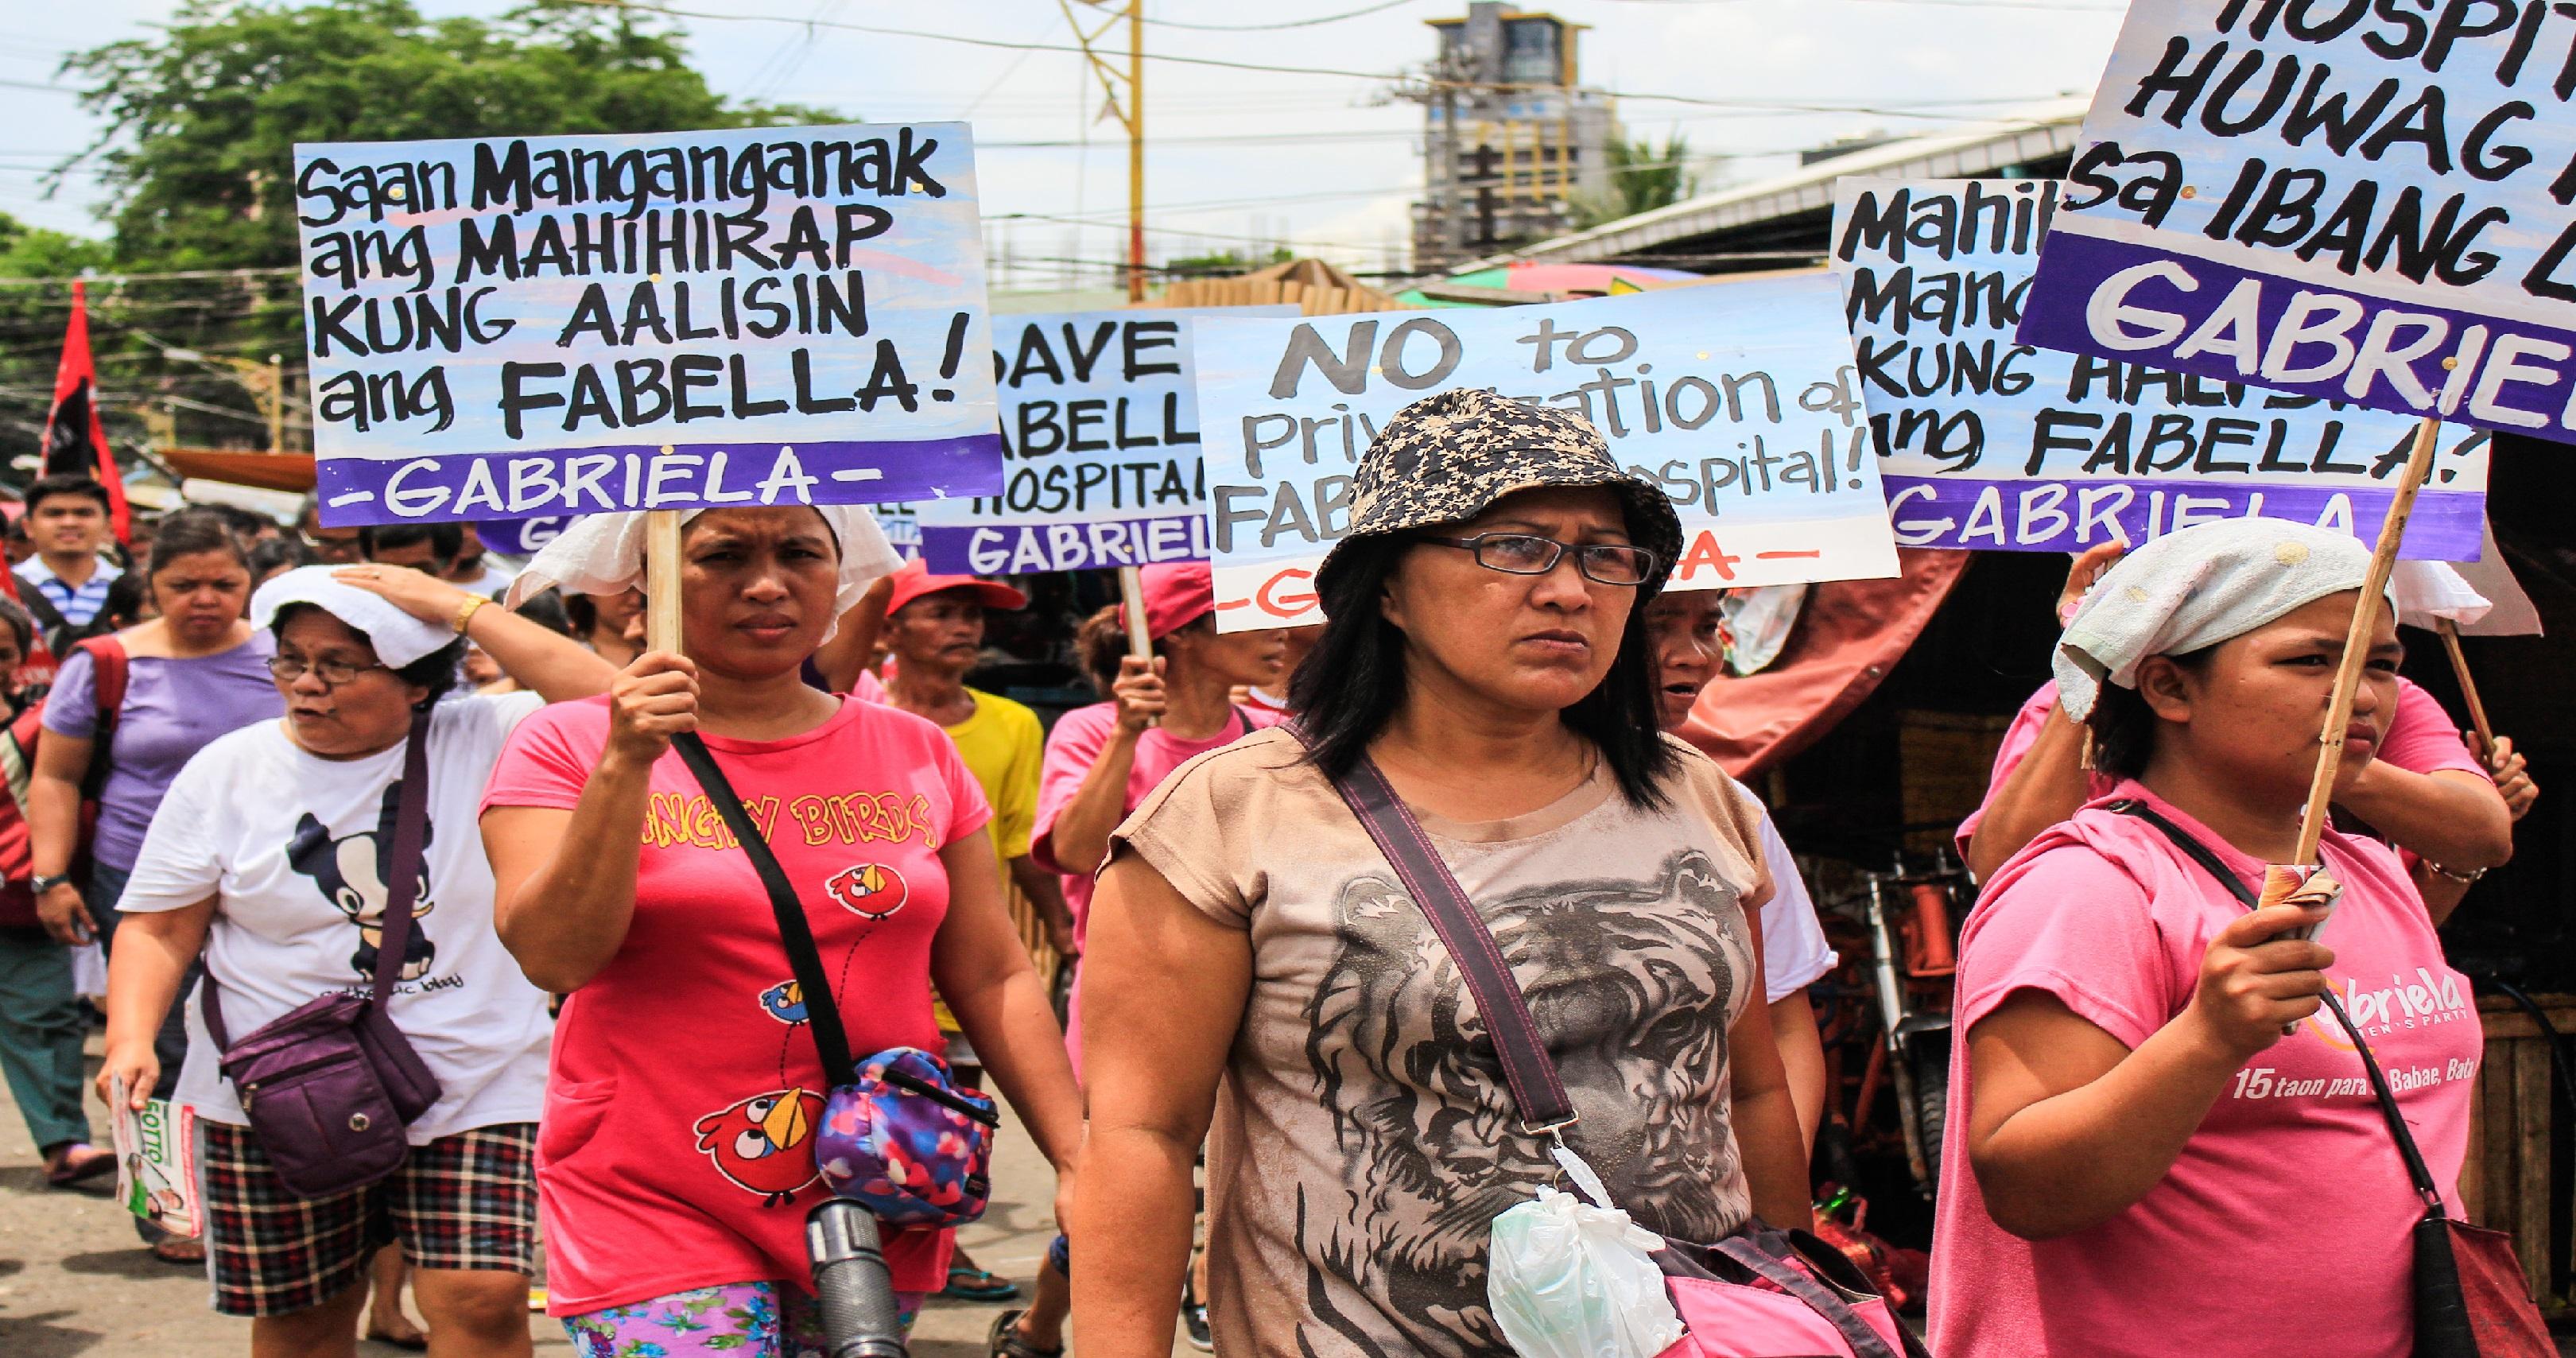 fabella women protesters